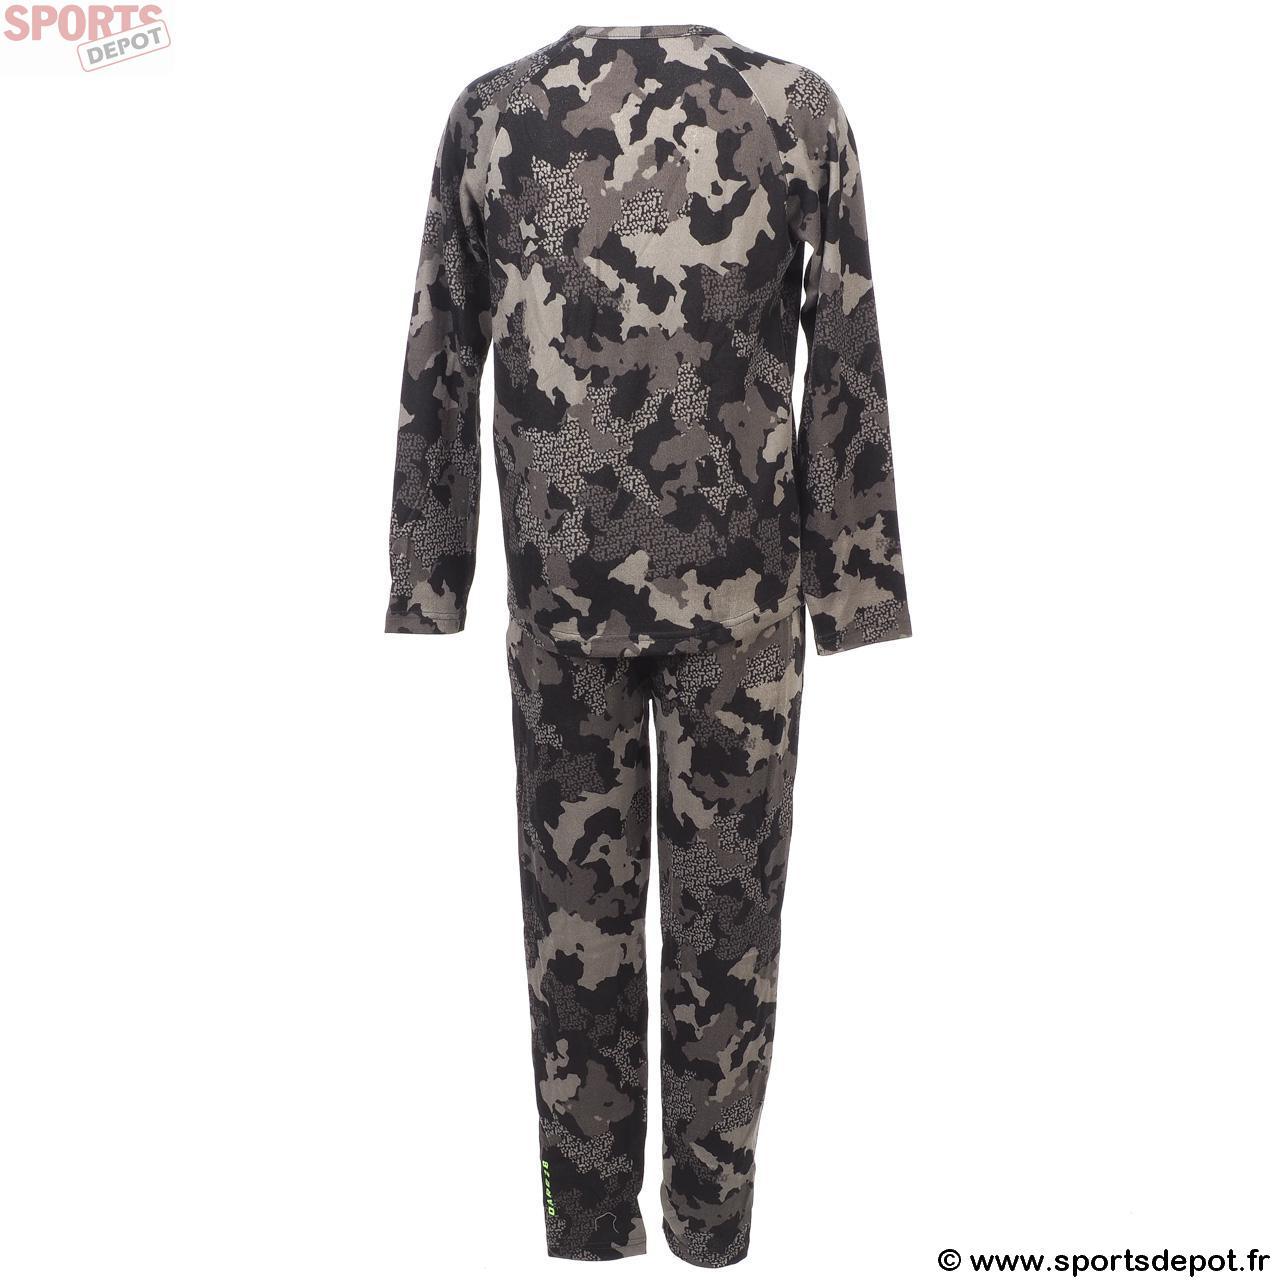 b743644ab36f9 Acheter Sous vêtements thermiques chaud DARE 2B Division base layer ...